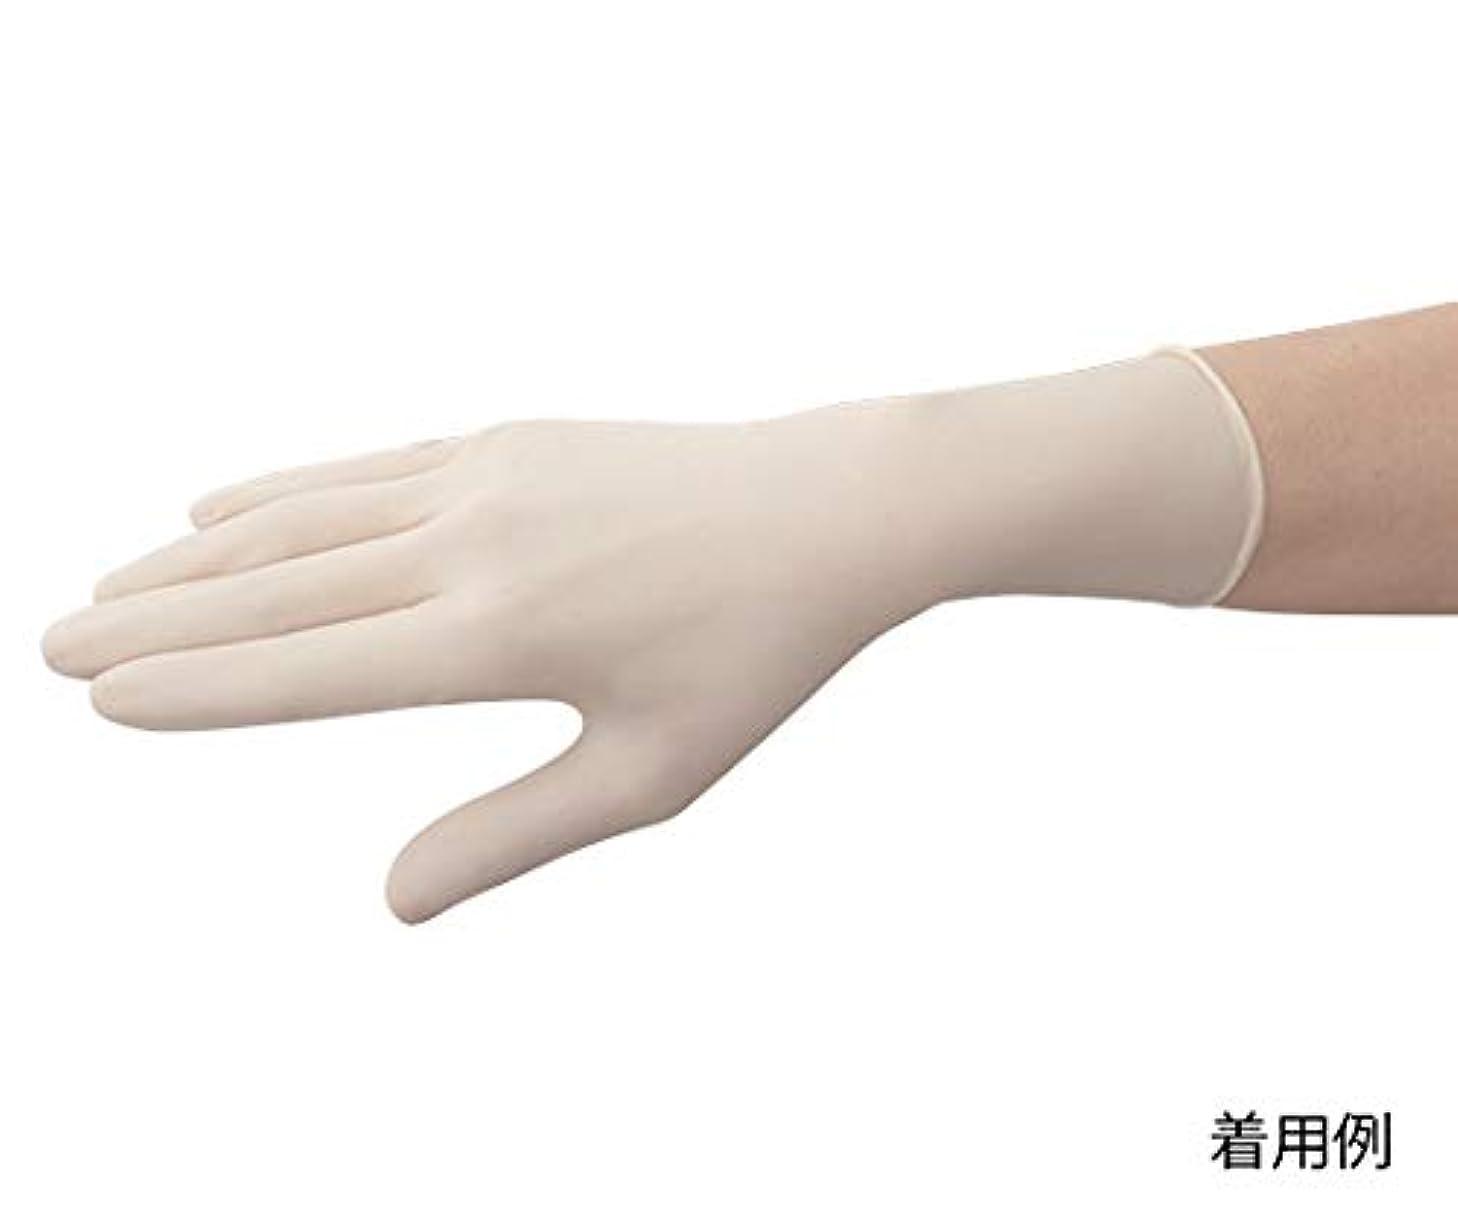 めんどり音声リベラル東レ?メディカル 手術用手袋メディグリップ パウダーフリー50双 8185MG